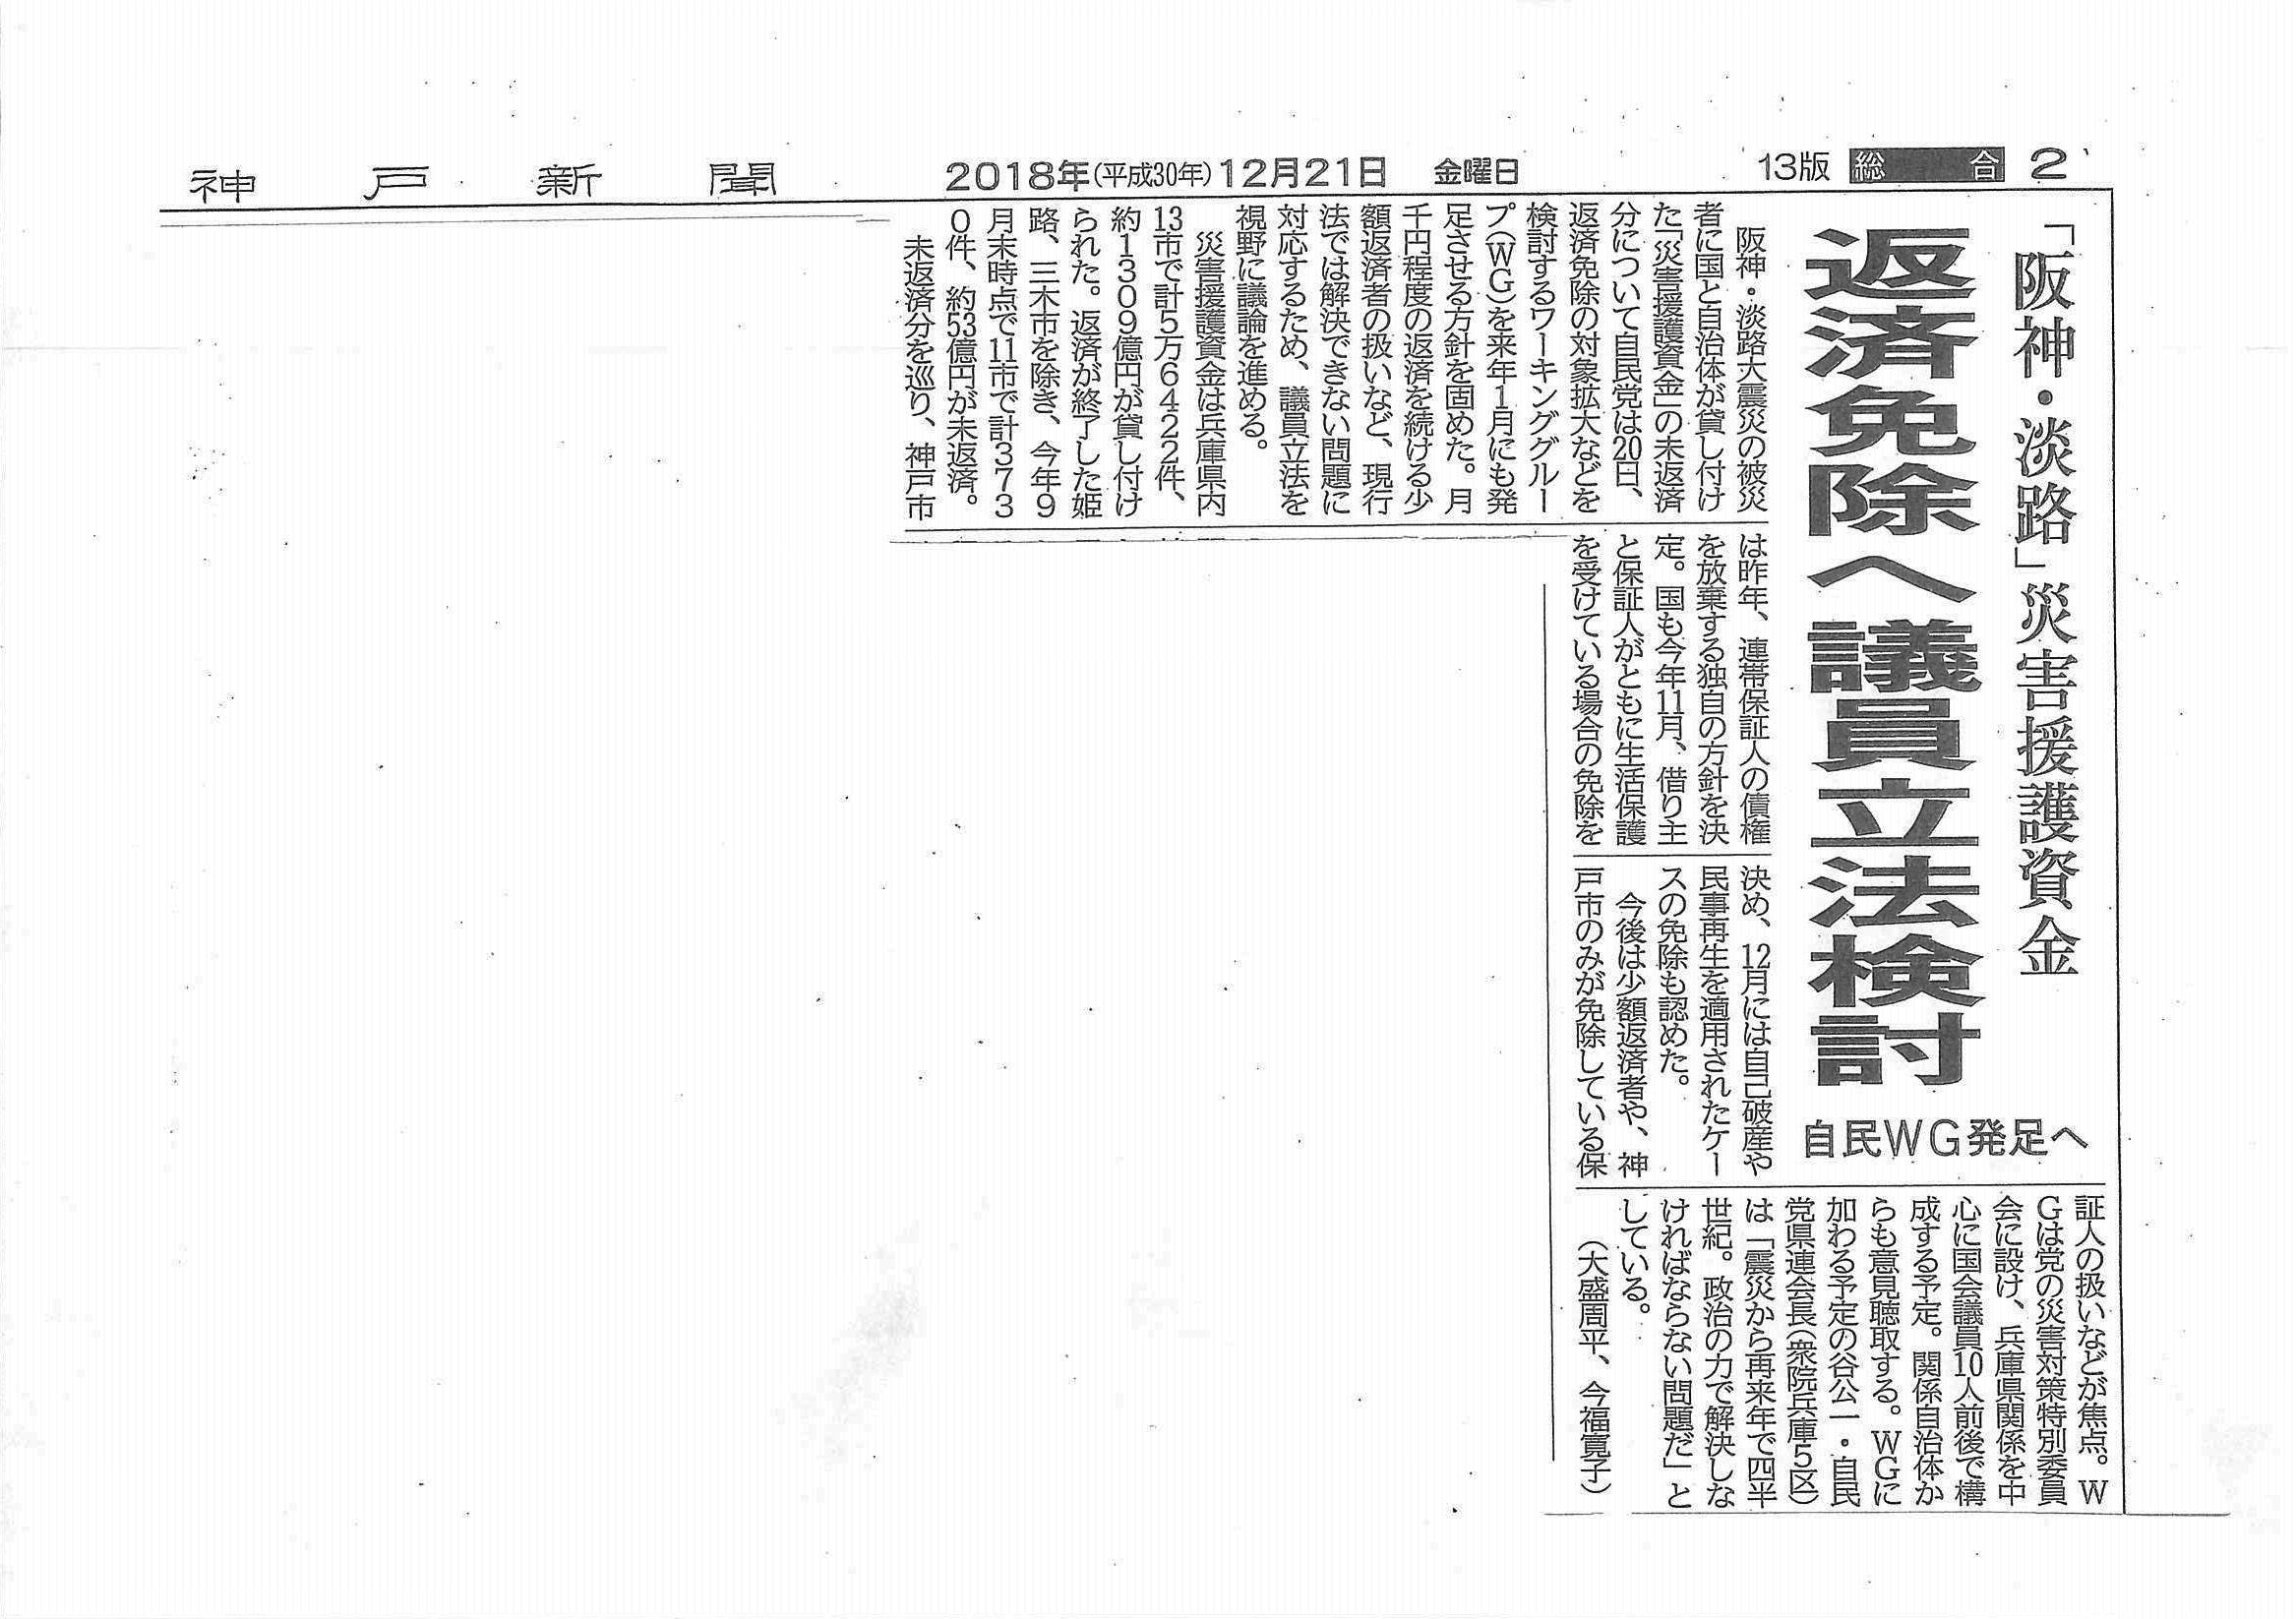 走れコウイチ!谷公一活動日記-blog-新着情報メディア情報